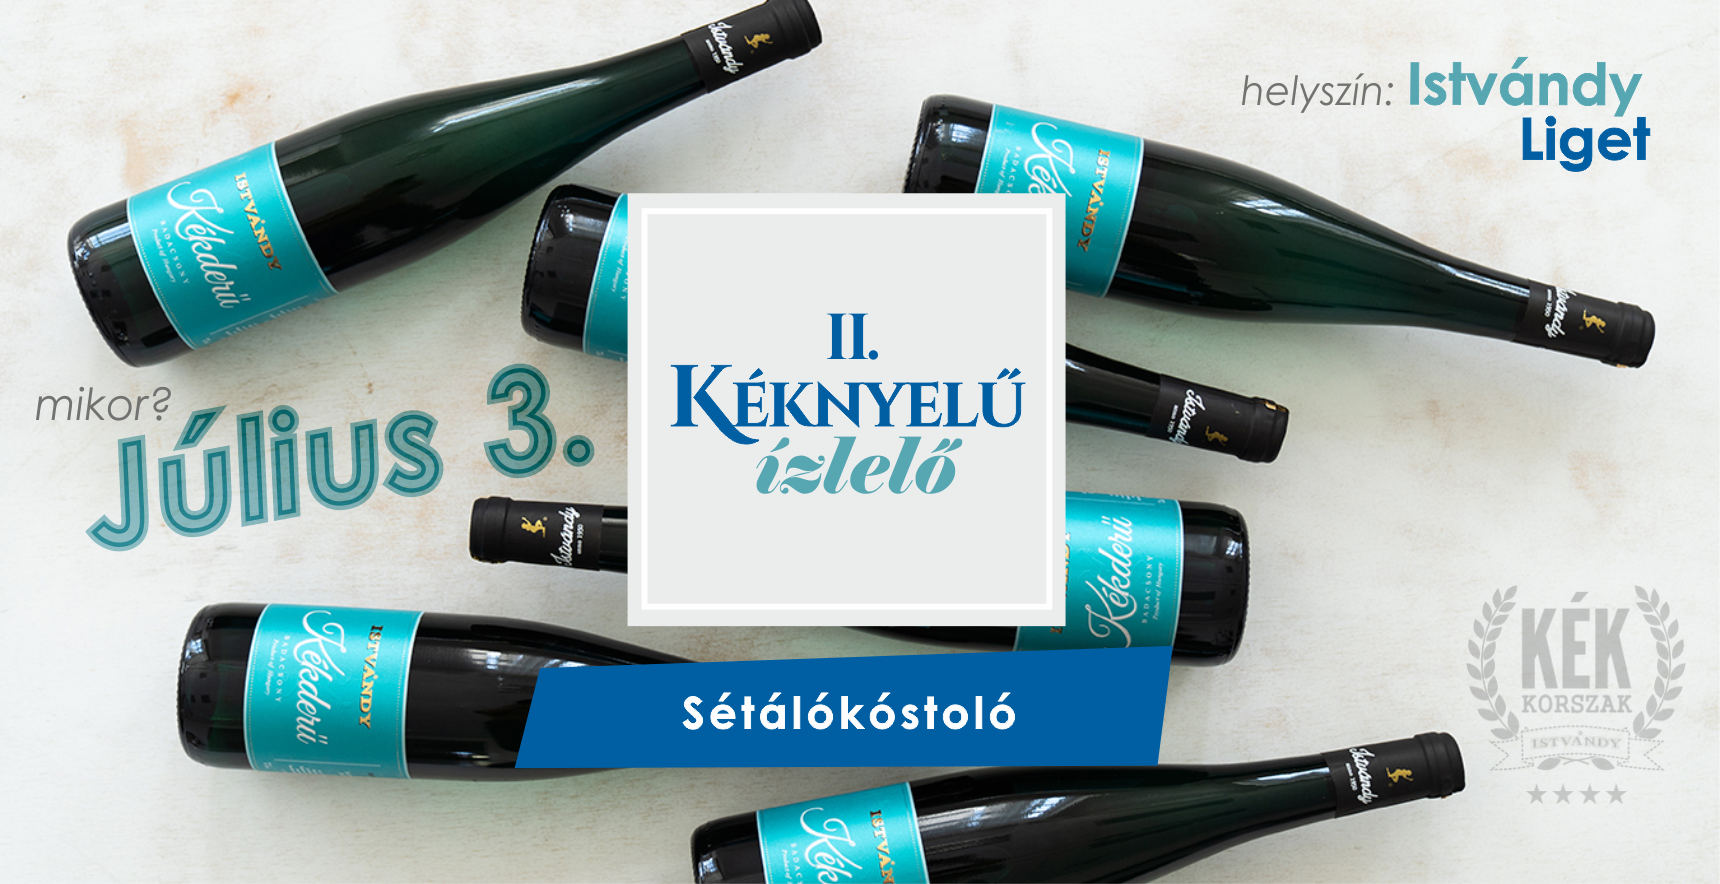 keknyelu_izlelo_2.png